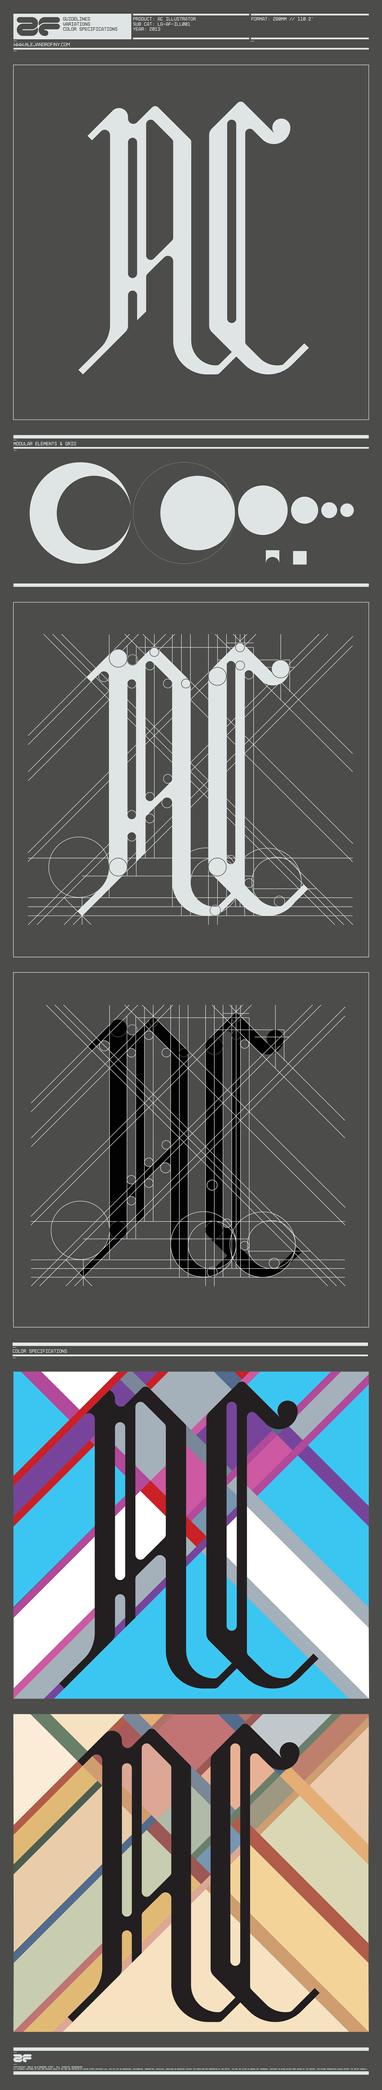 AC Illustrator Logotype V.1.0 by AlejandroFiny